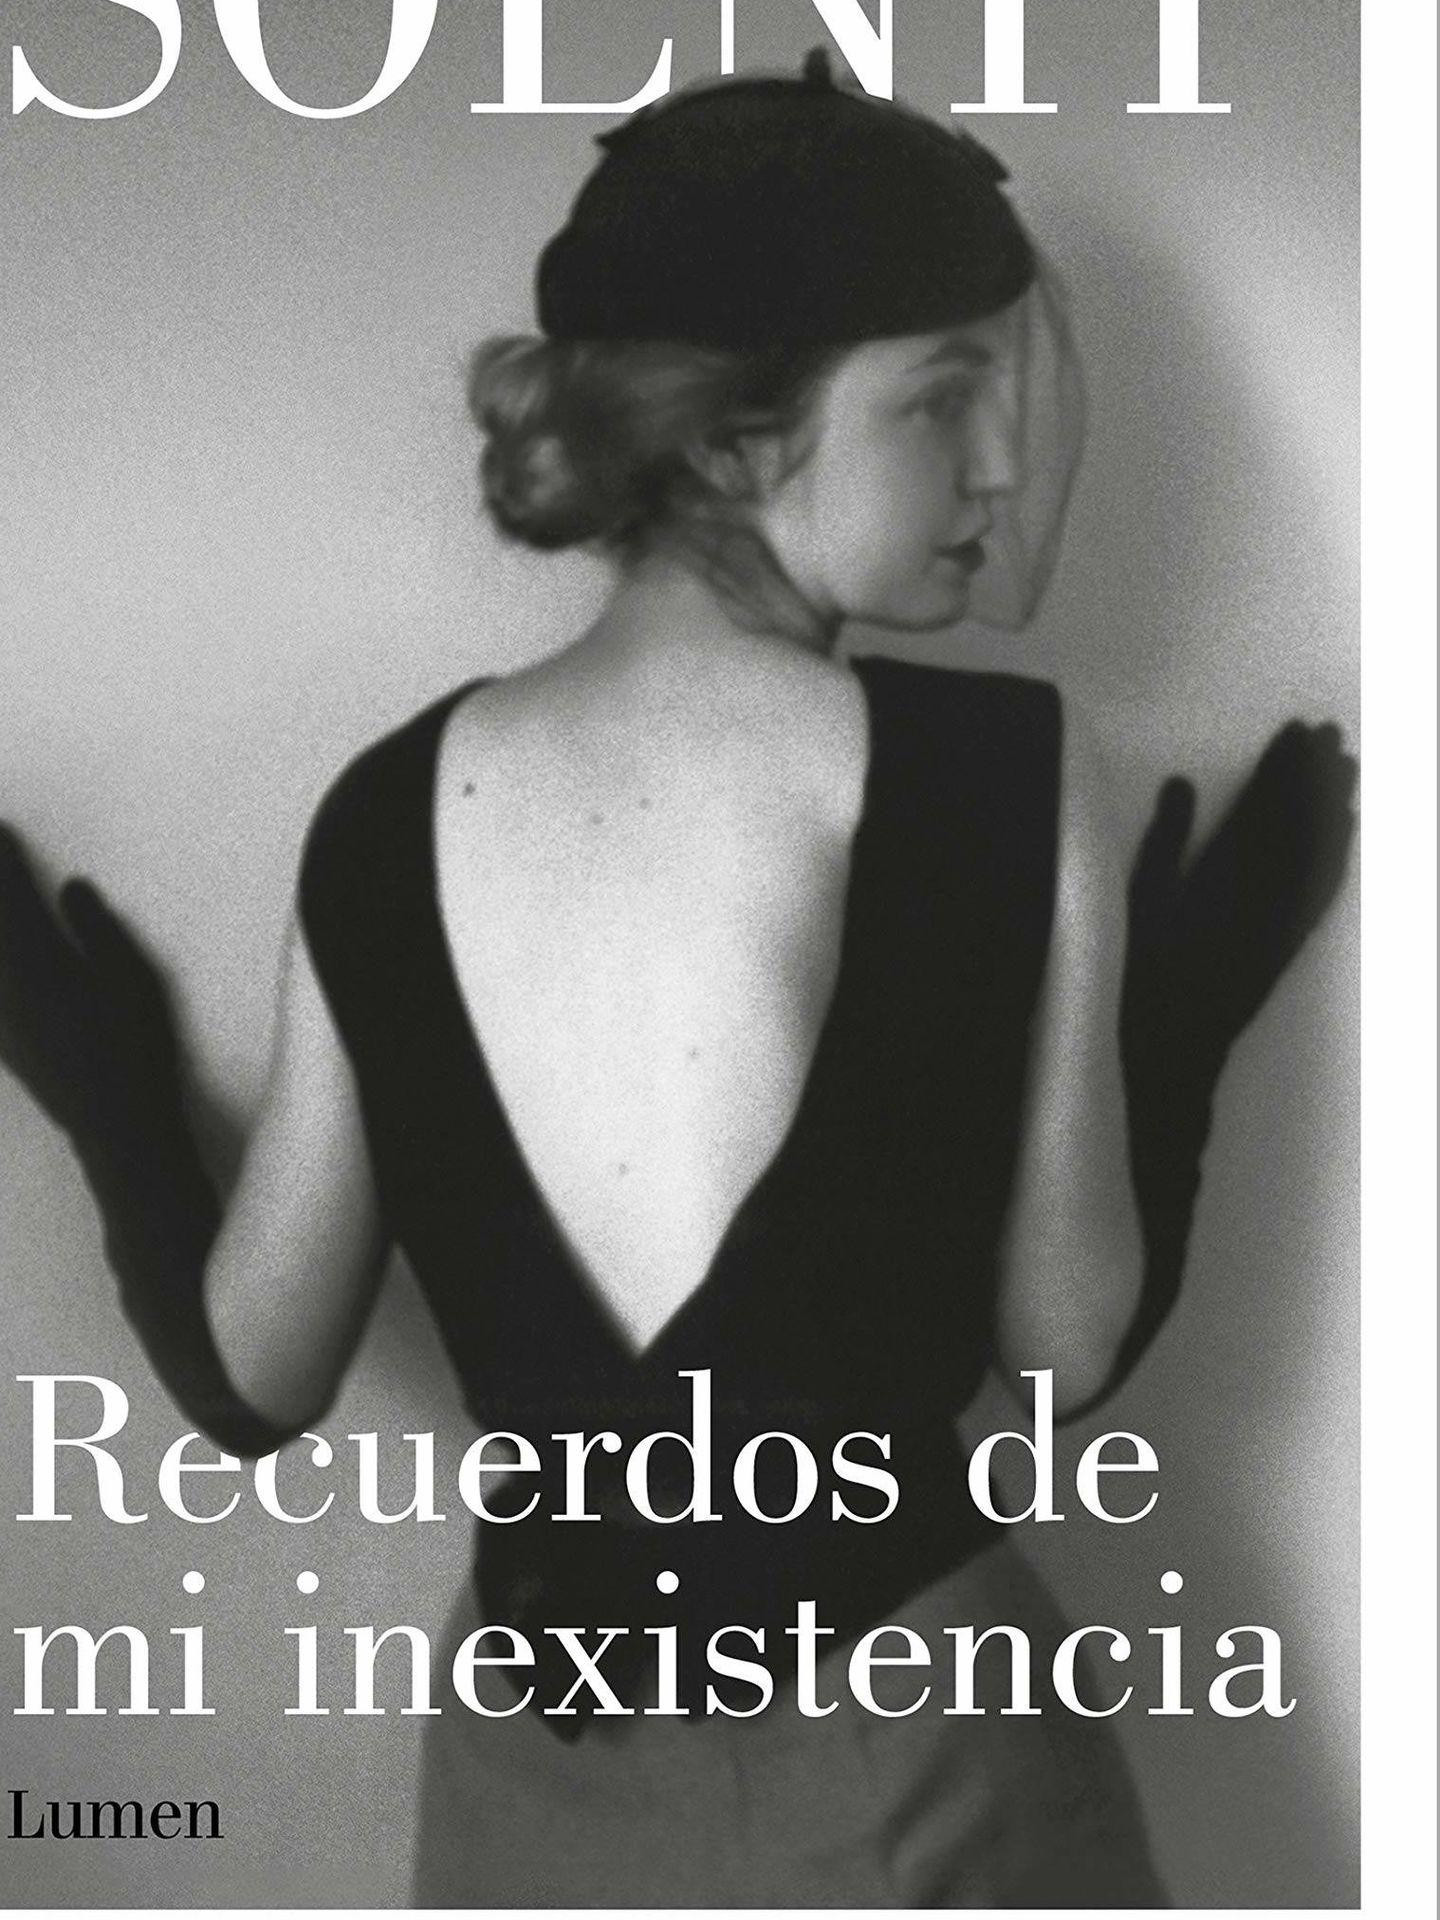 'Recuerdos de mi inexistencia'